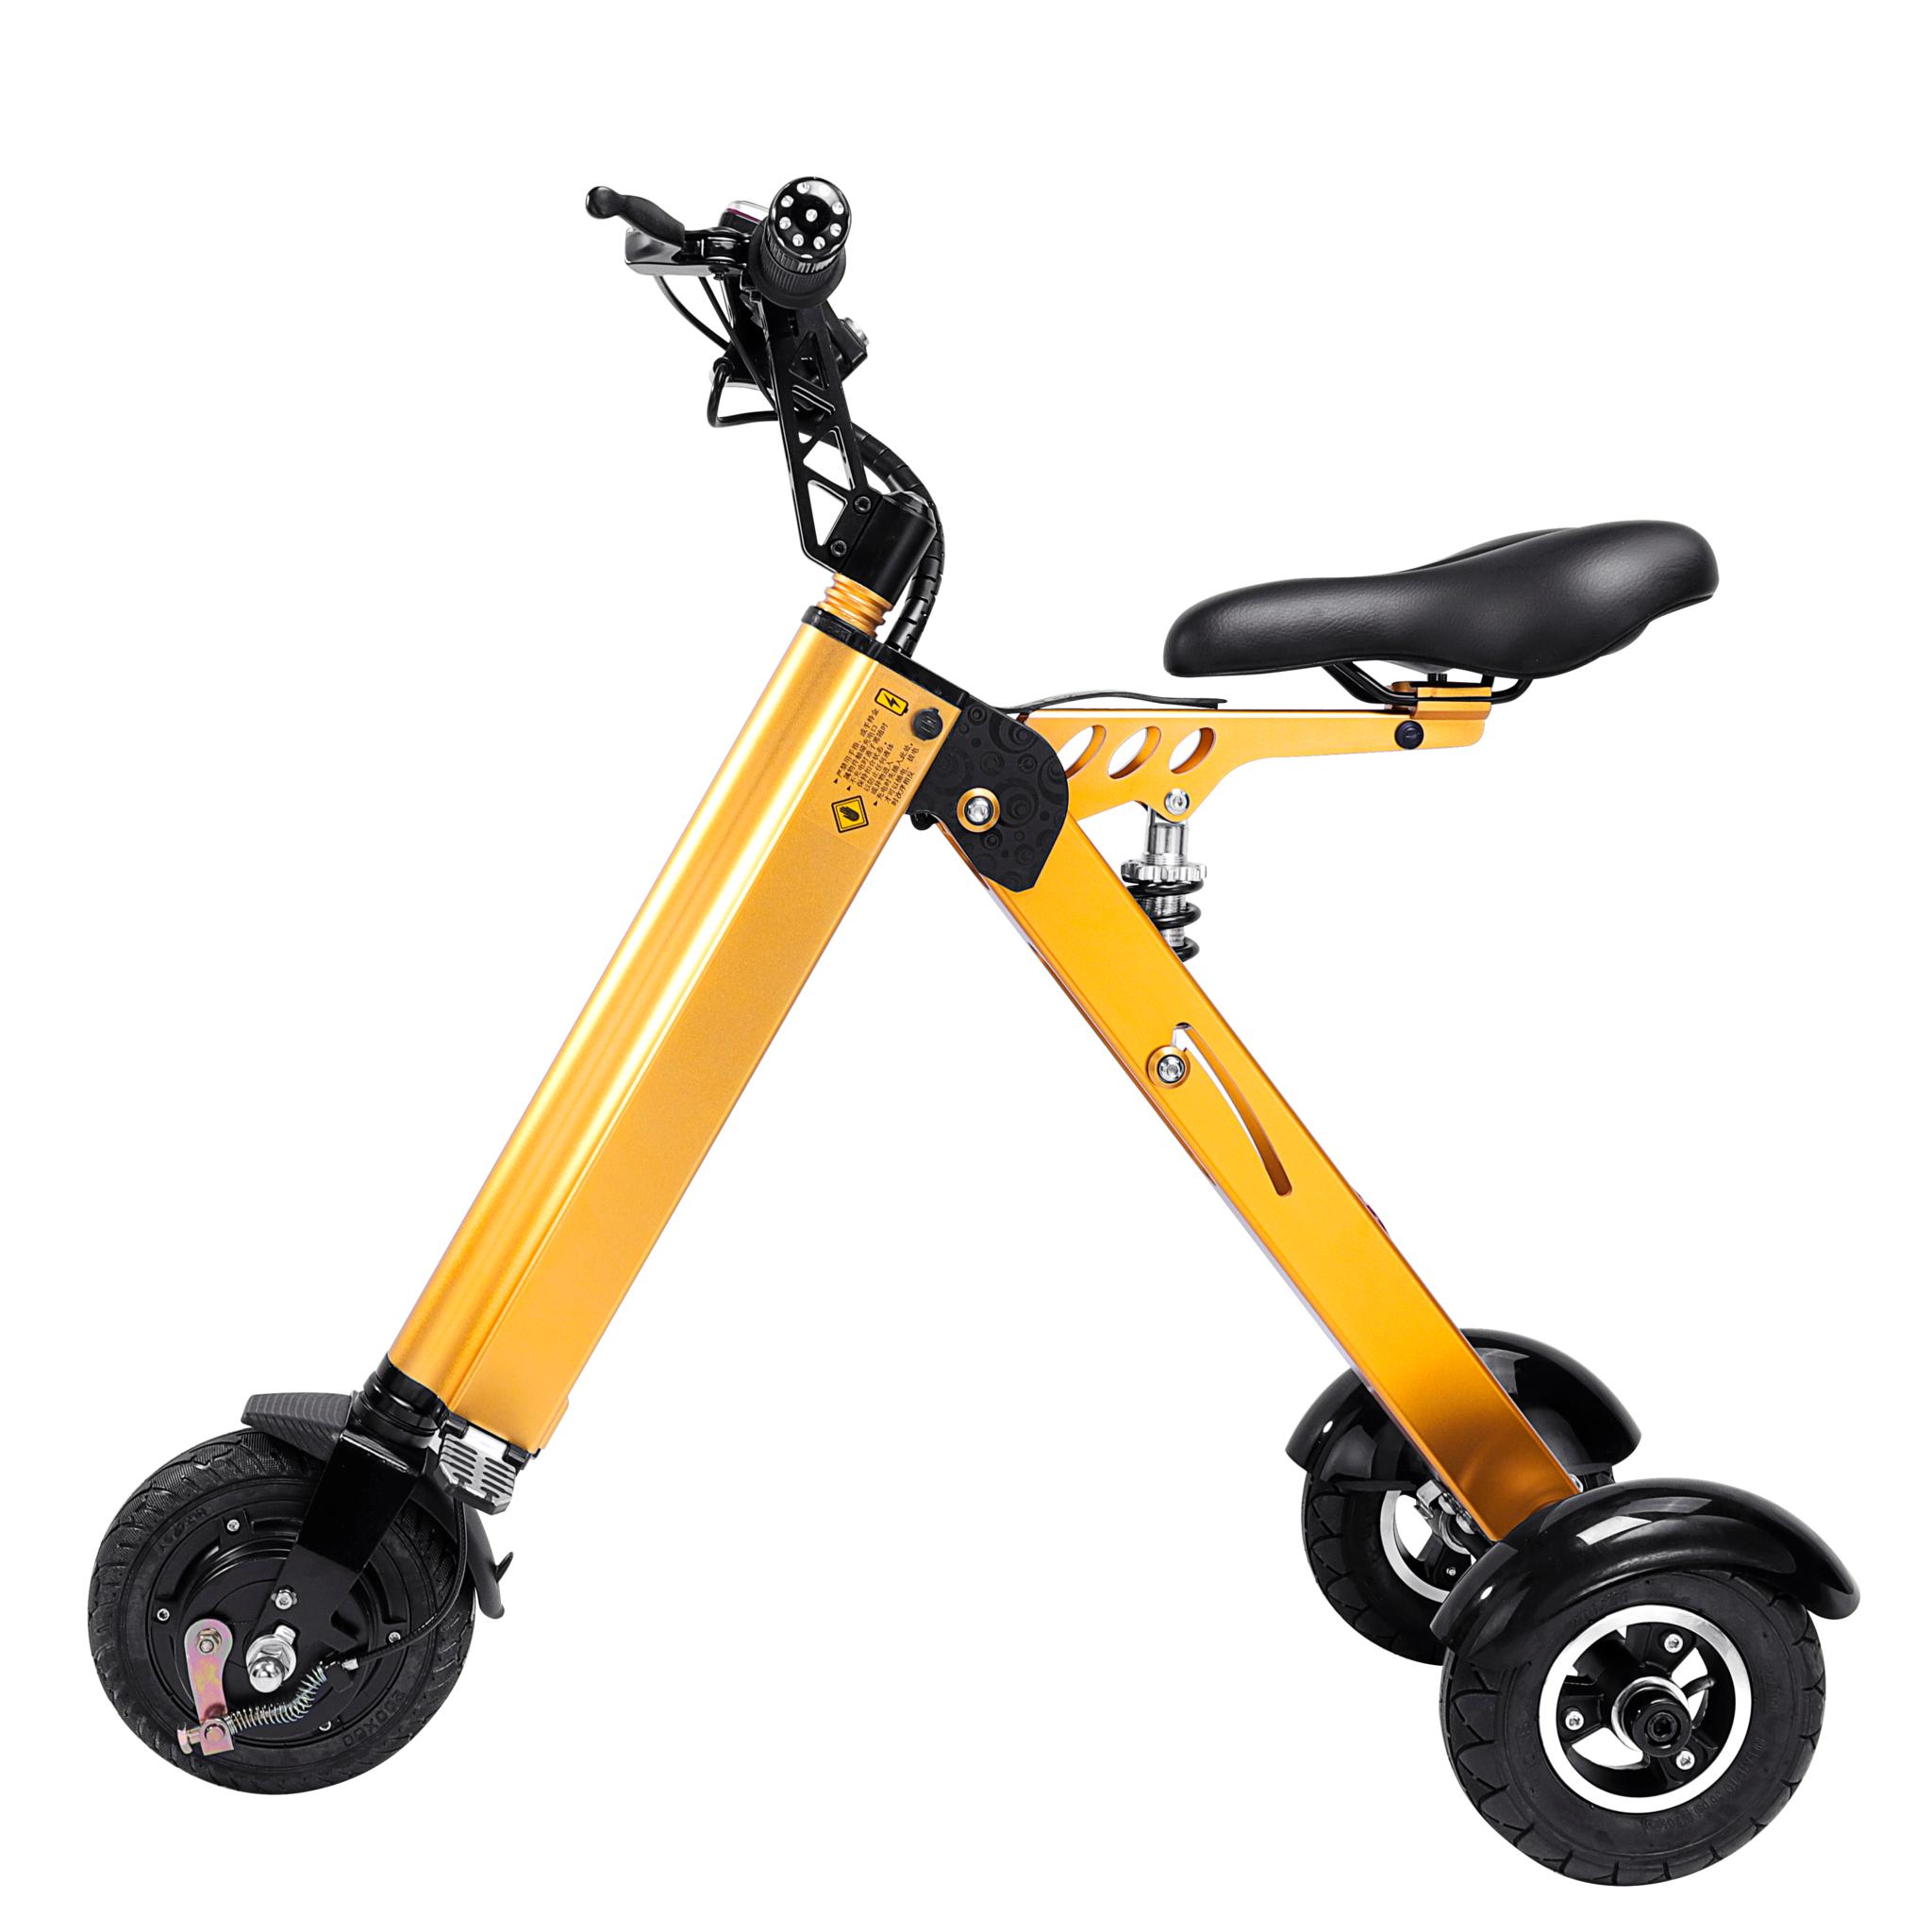 Scooter électrique pliable ultraléger Smart e - 250W - 8 pouces - 3 roues - Pearl Gold